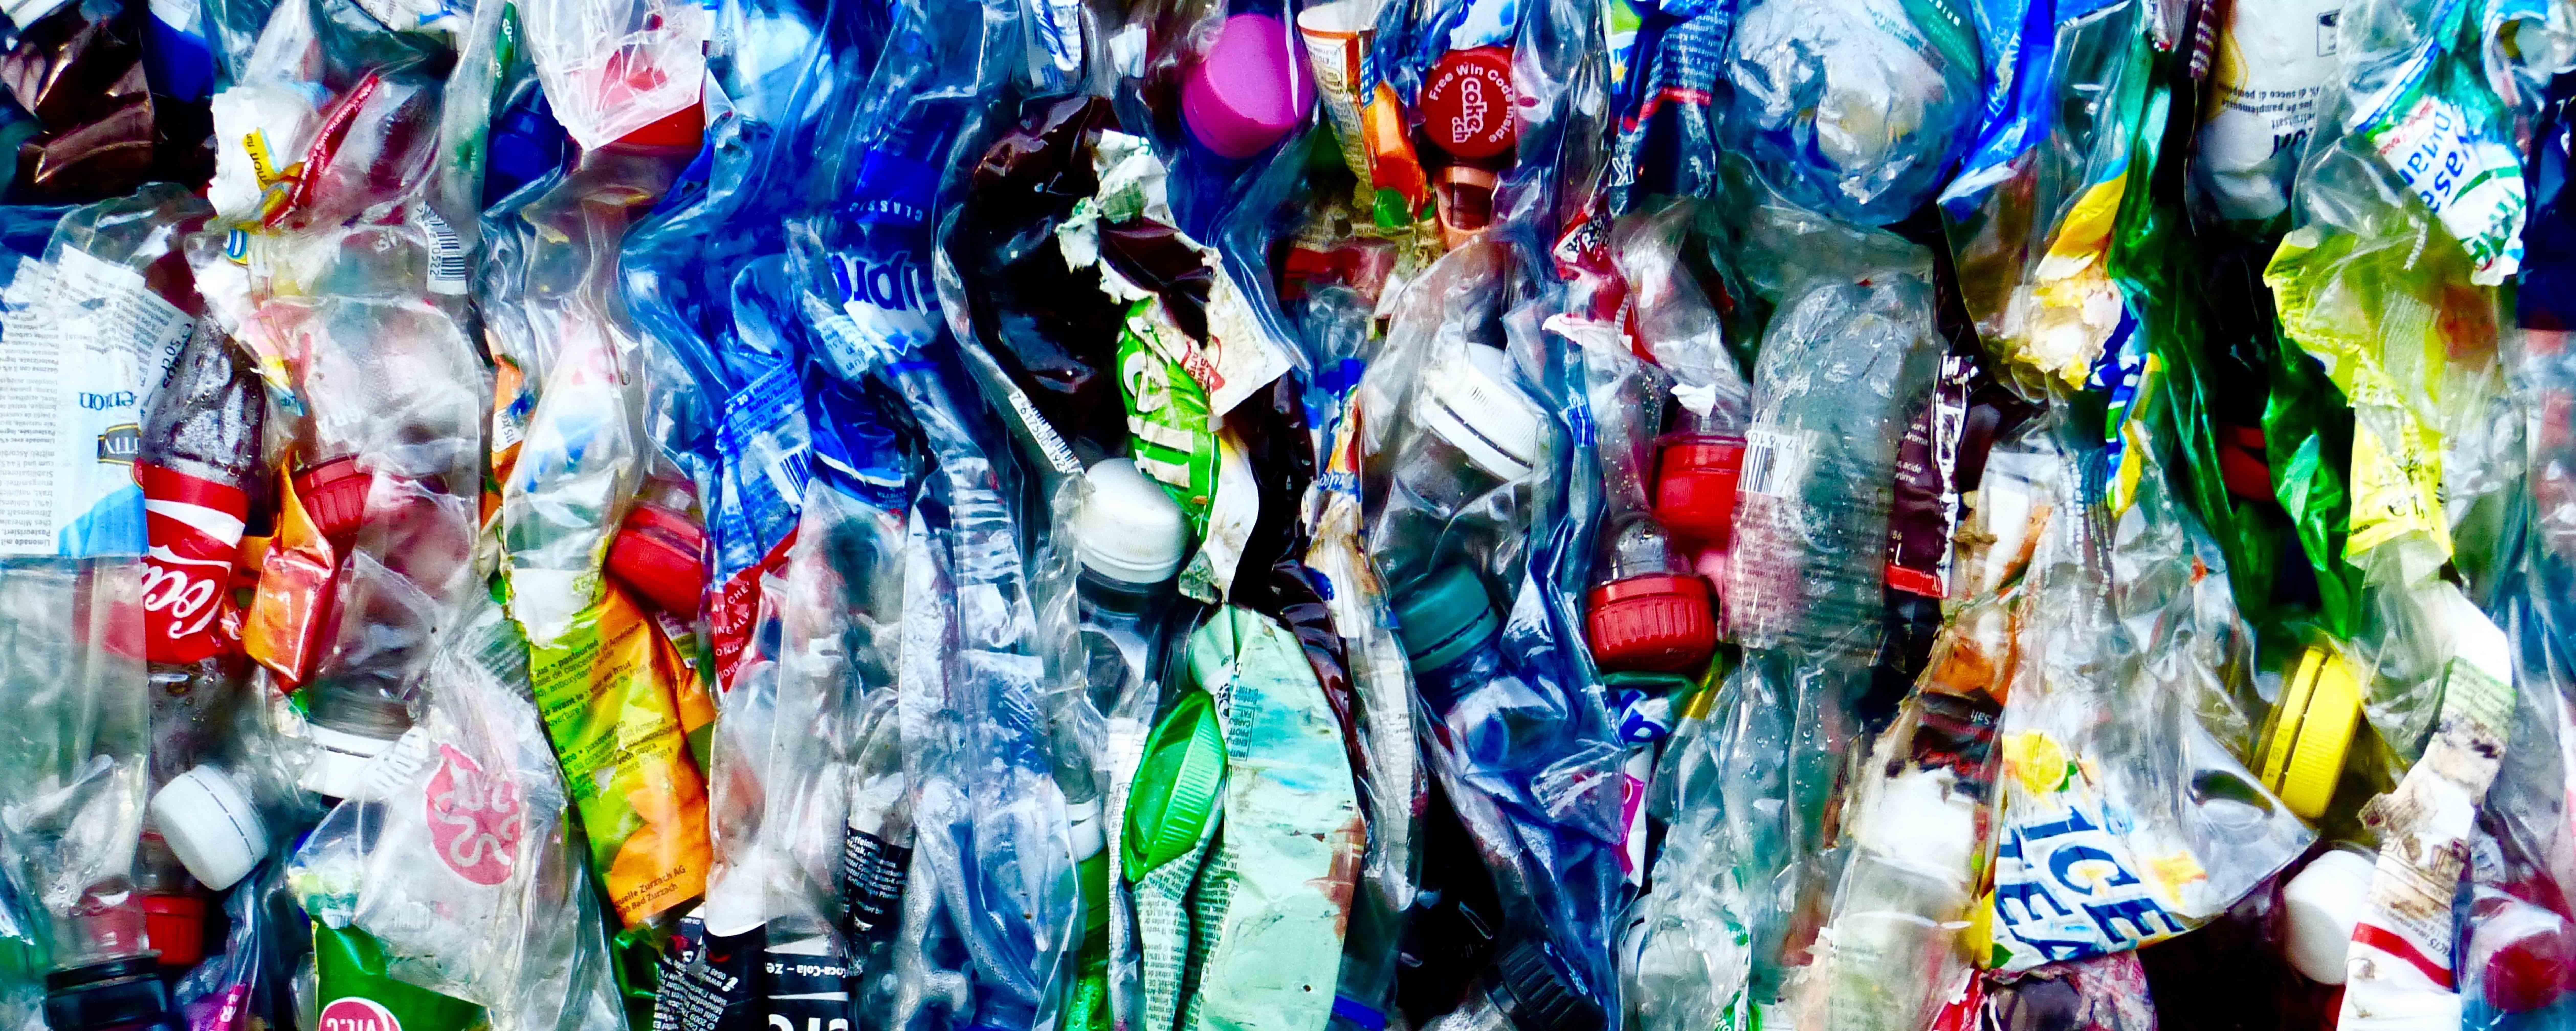 Plastik Startbild